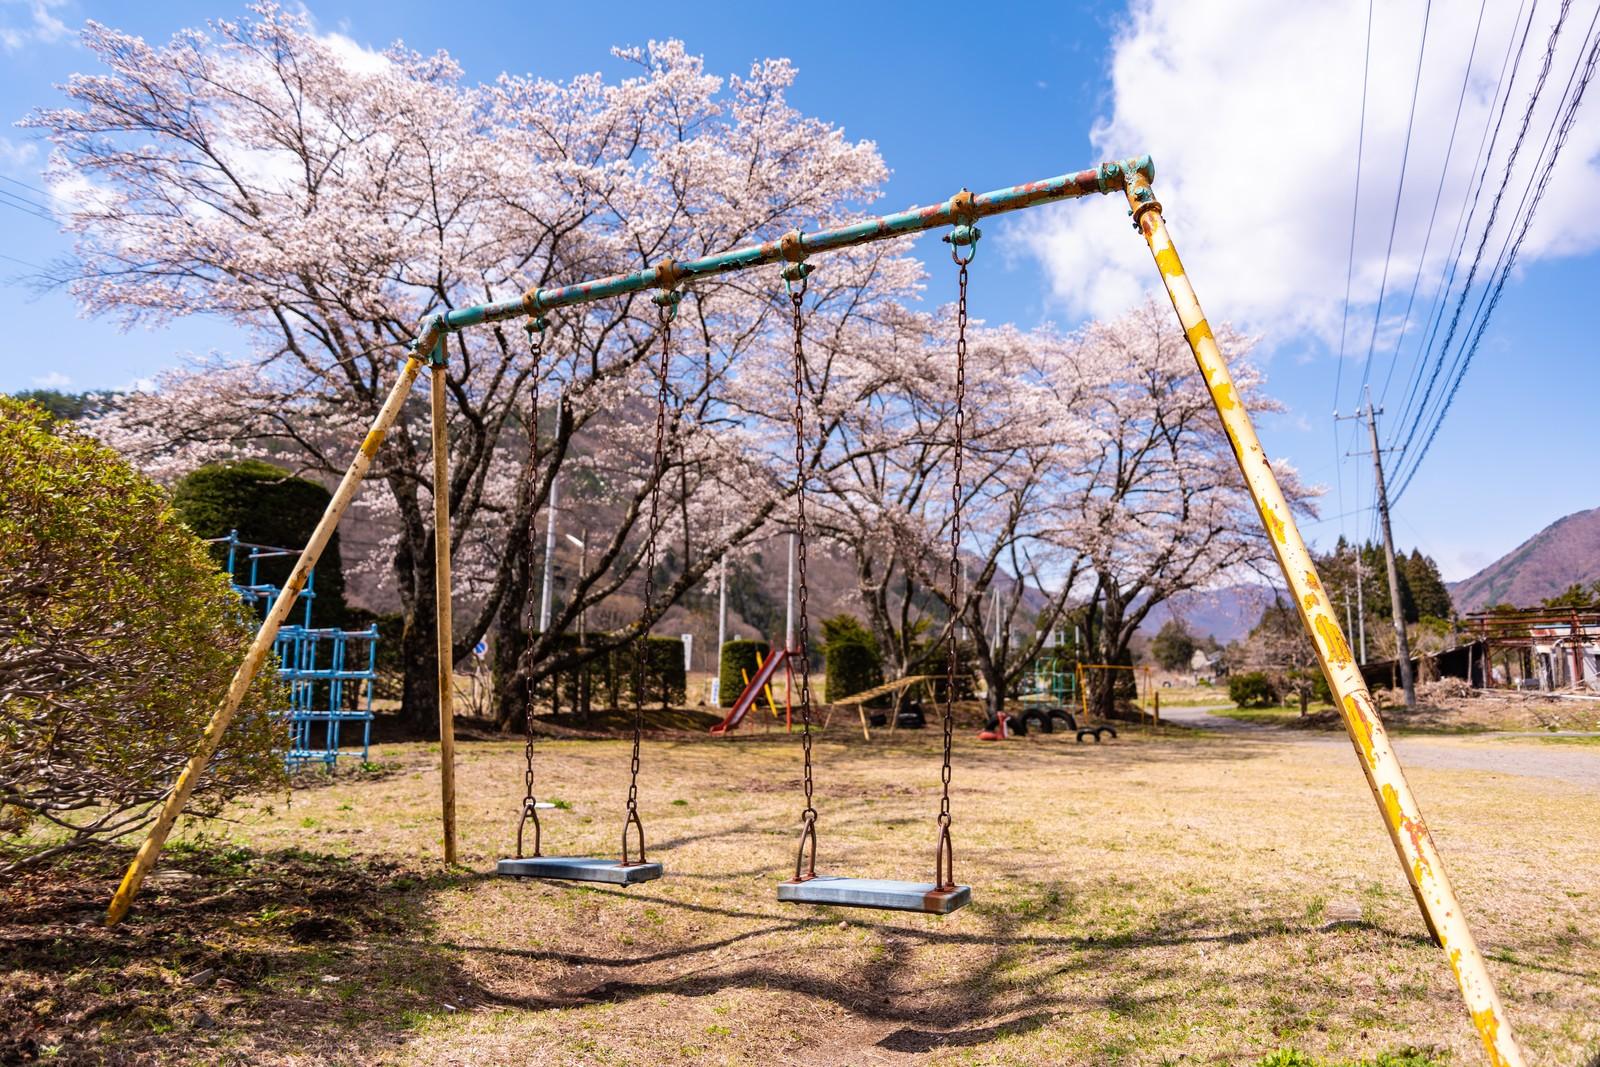 半田運動公園の大型遊具で子供と遊ぼう!デイキャンプ場でバーベキューもできる!